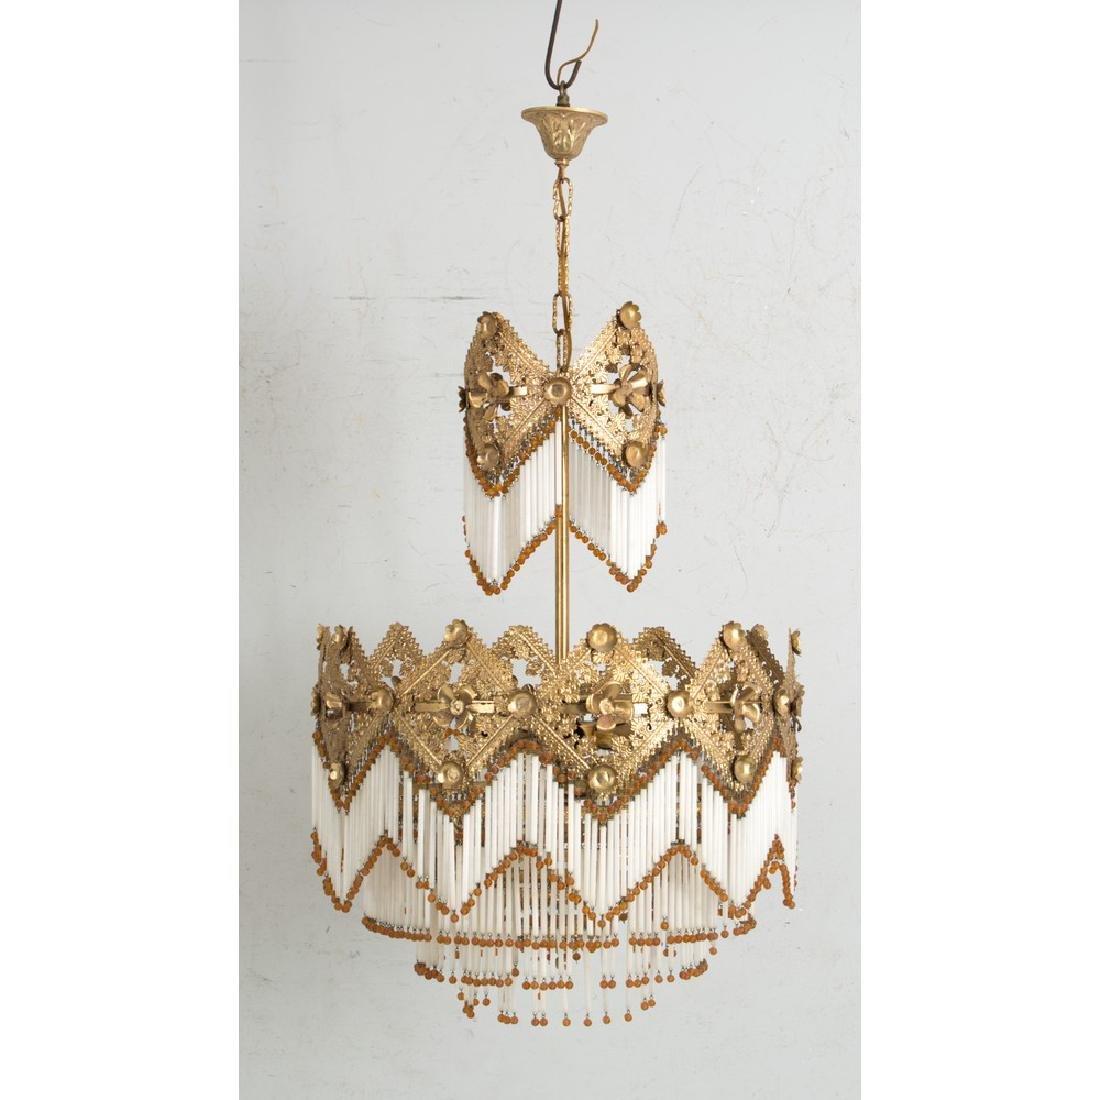 LAMPADARIO a sei luci in metallo dorato con cannucce in